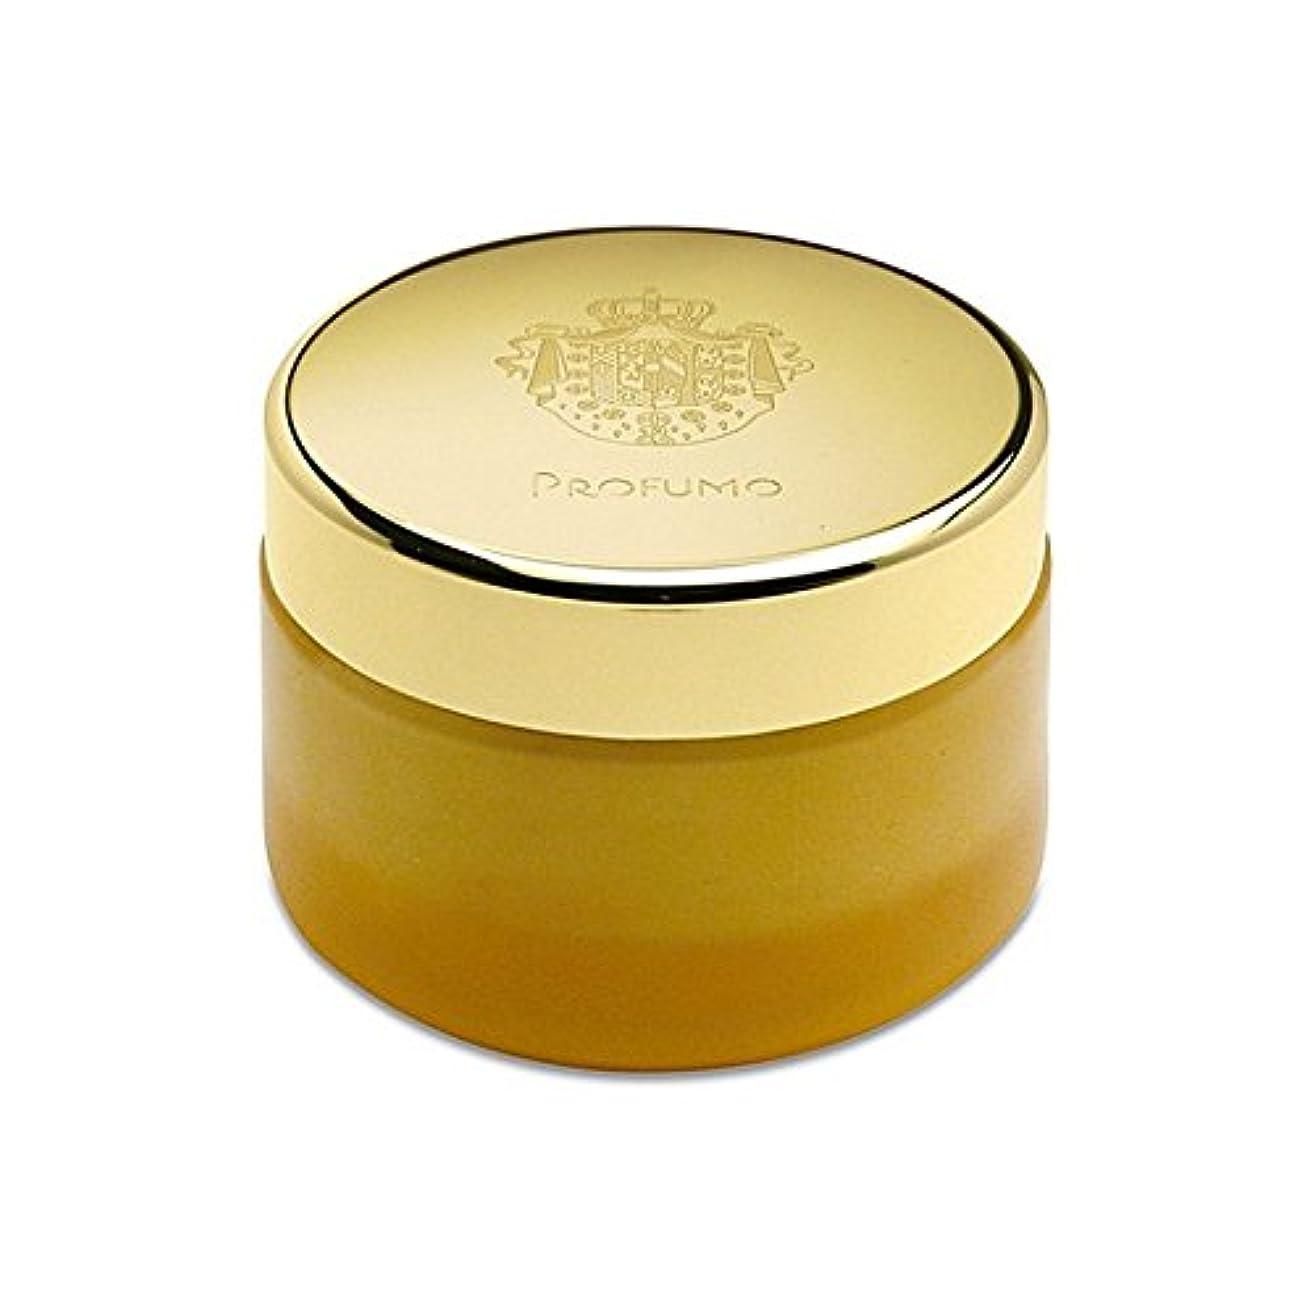 薄暗い面積大西洋Acqua Di Parma Profumo Body Cream 200ml (Pack of 6) - アクアディパルマボディクリーム200ミリリットル x6 [並行輸入品]